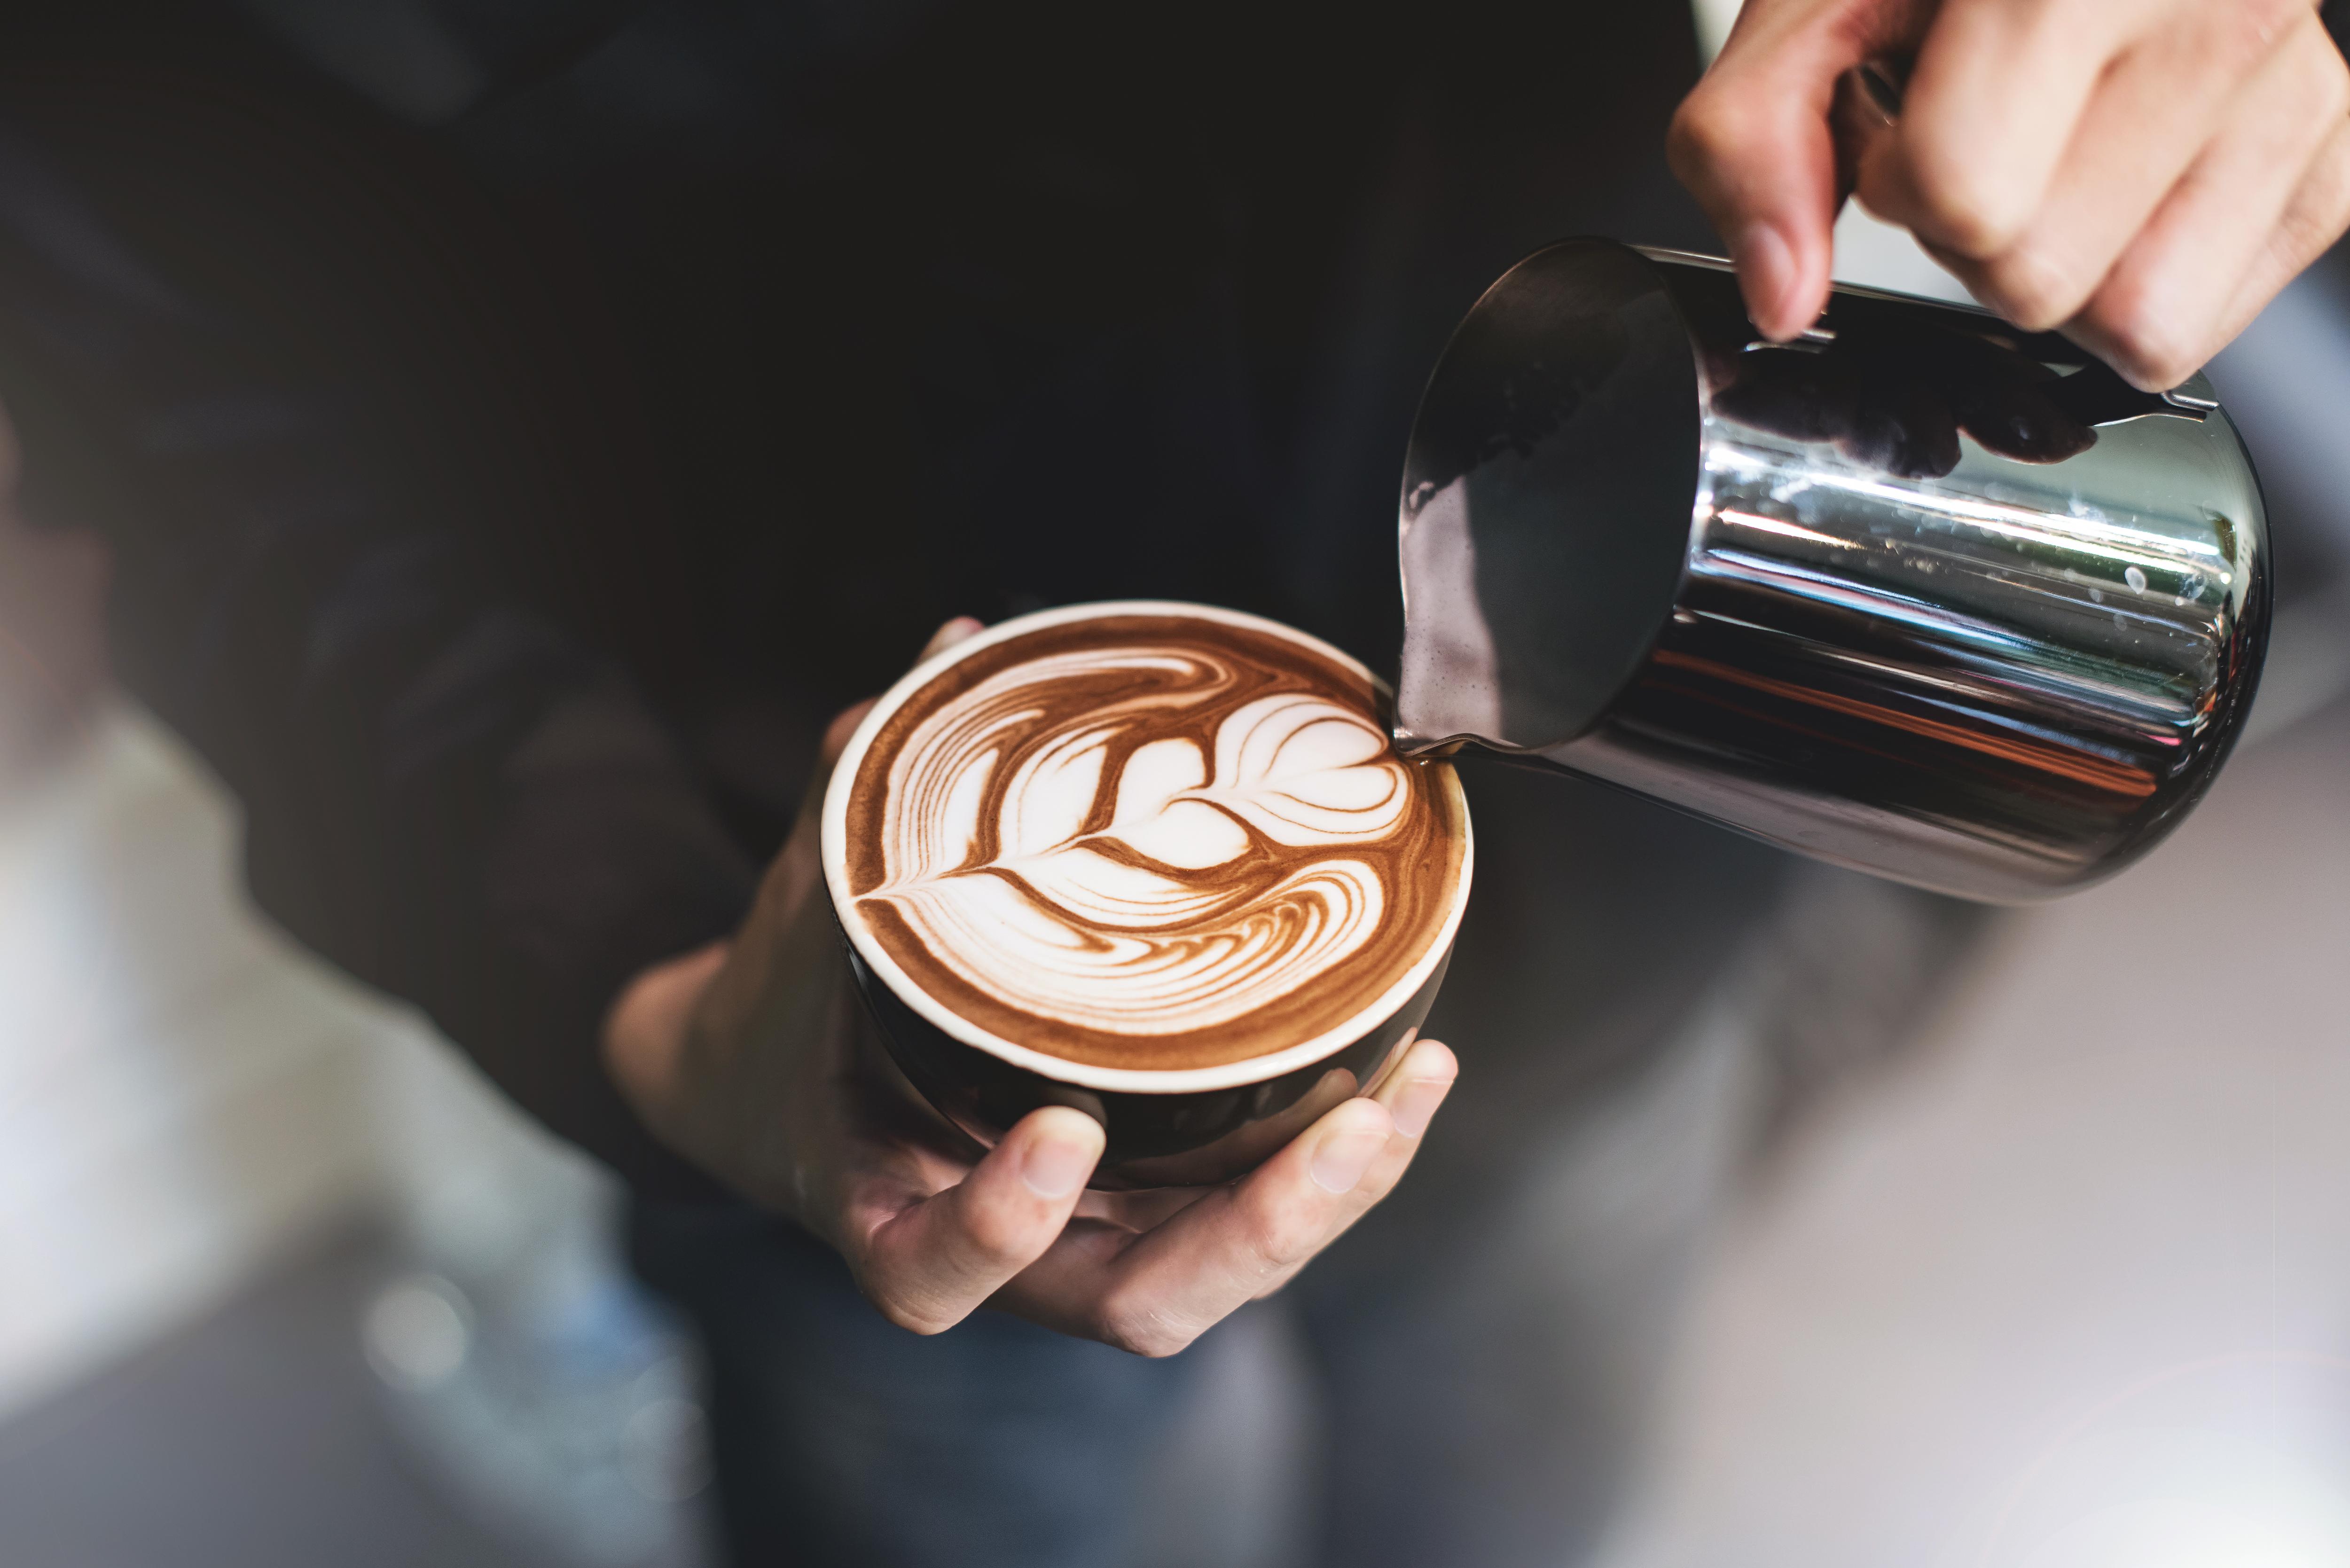 Warum entstehen auf der Crema von Cappuccino Luftblasen